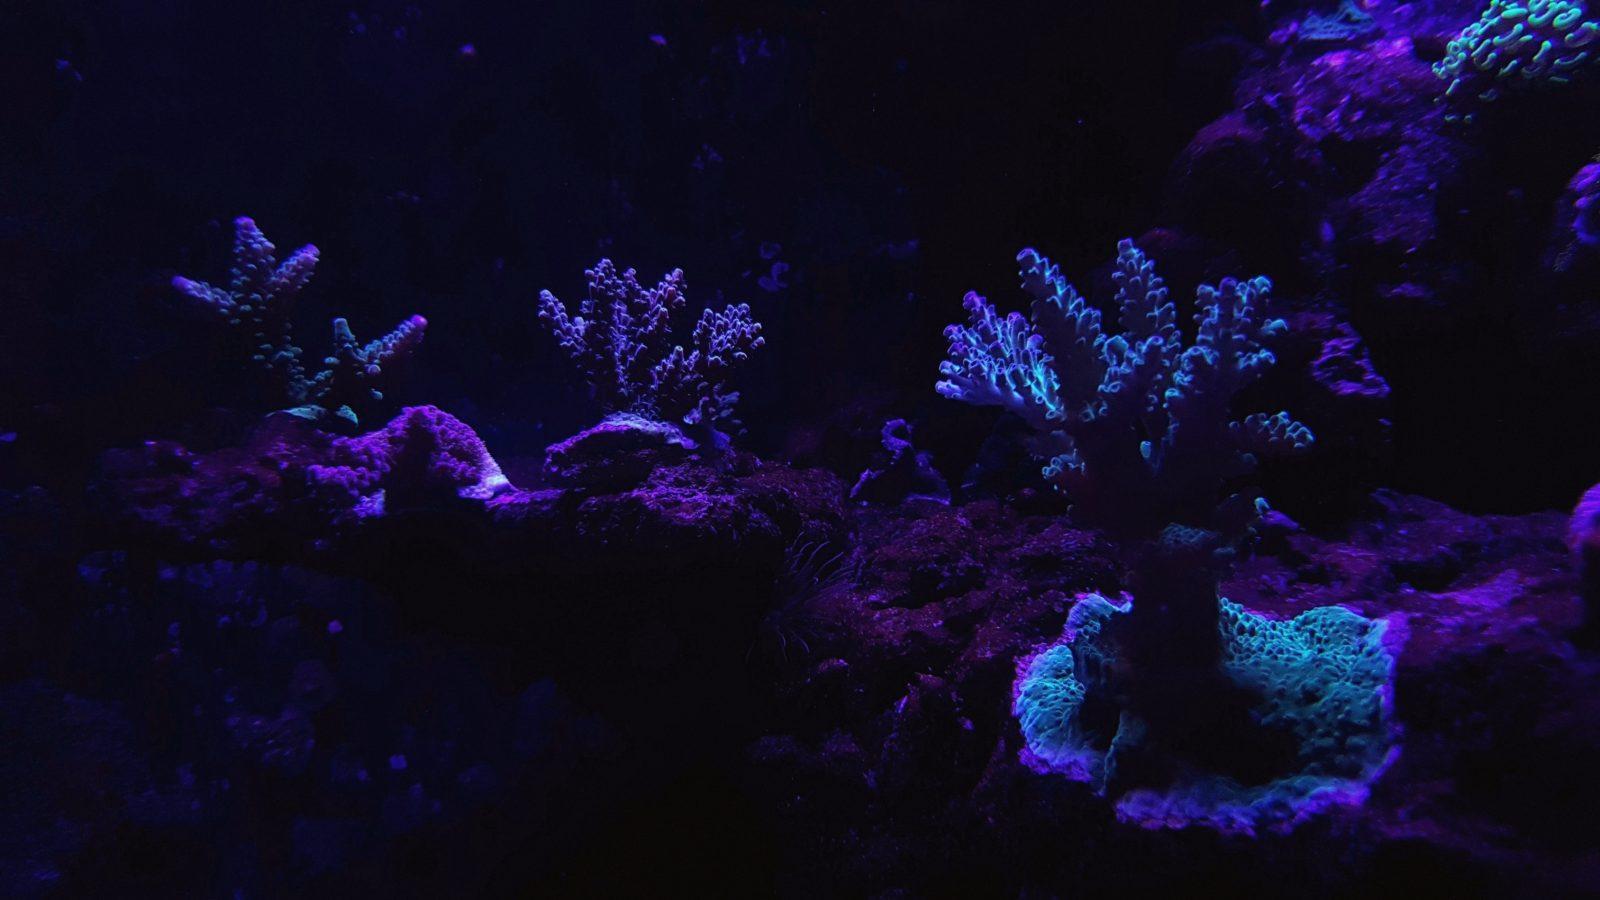 melhores cores de coral iluminação led